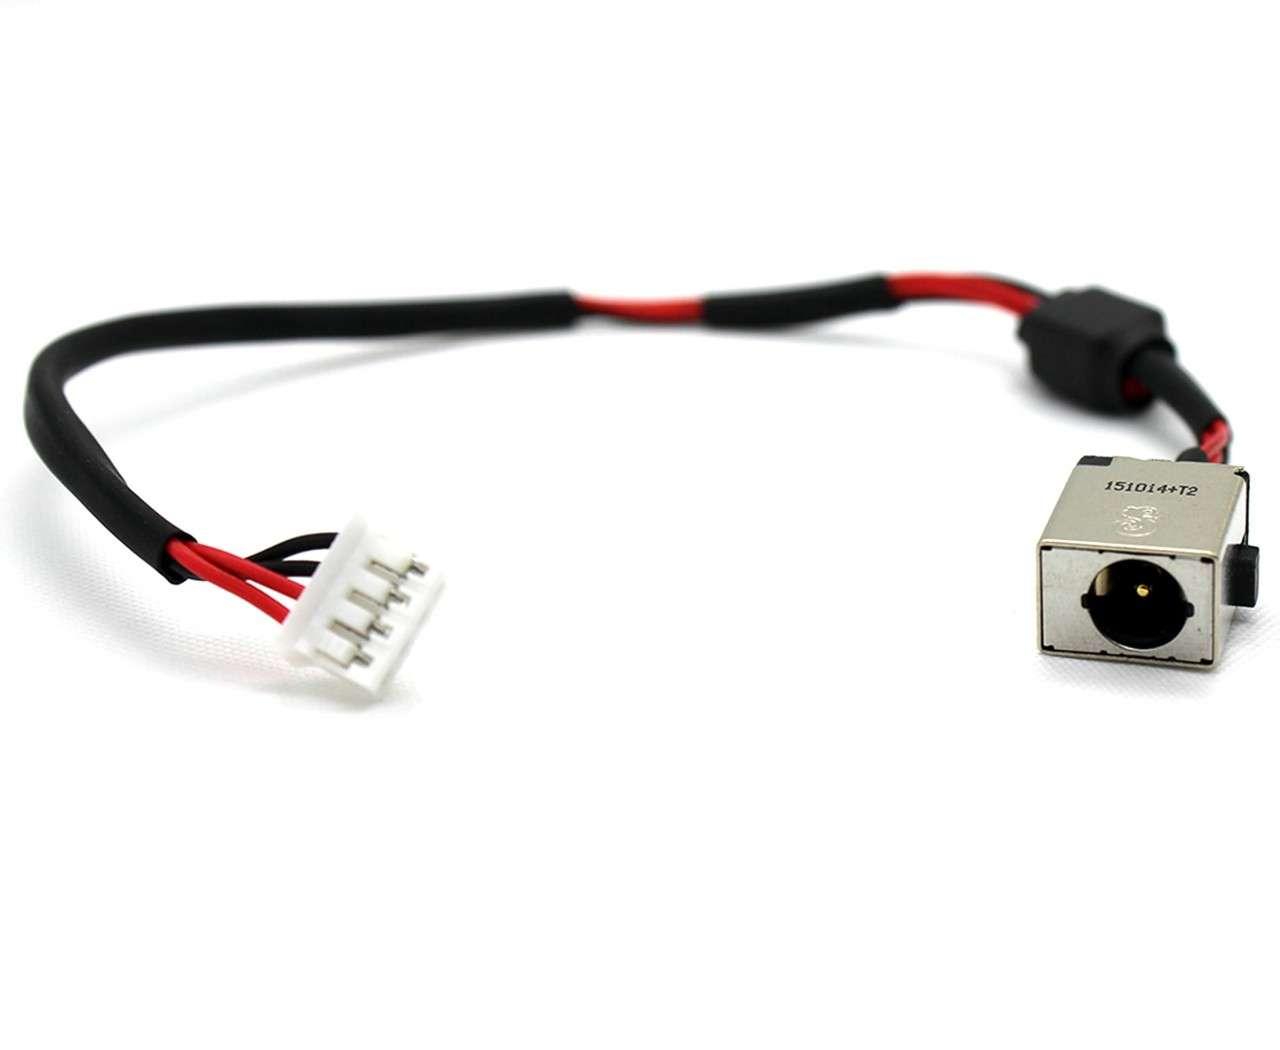 Mufa alimentare laptop Acer Aspire E5-571 cu fir imagine powerlaptop.ro 2021